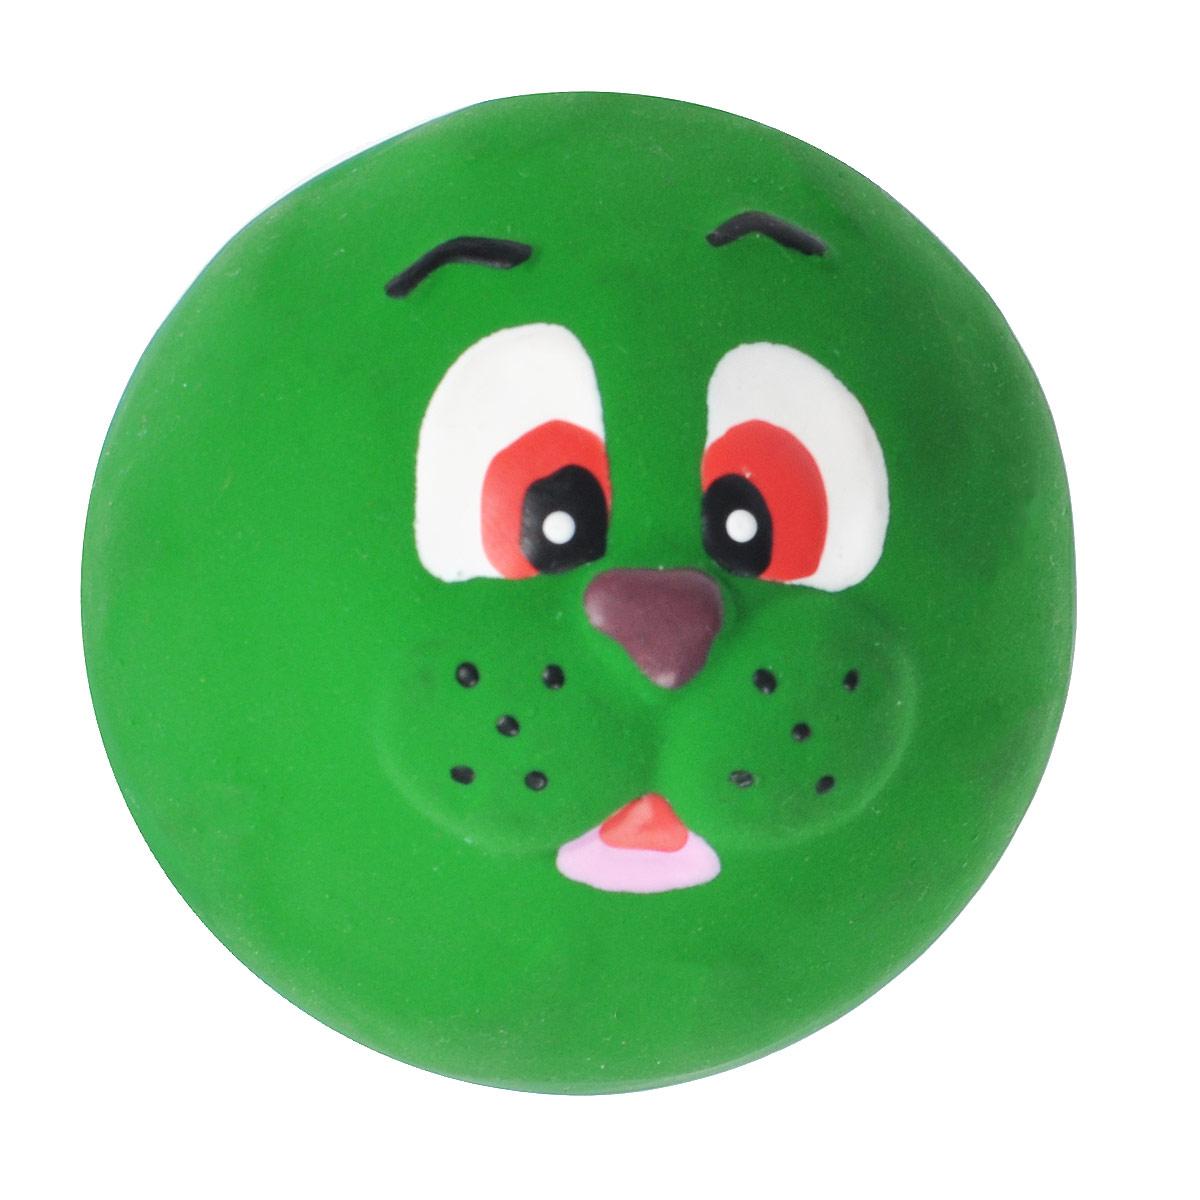 Игрушка для собак I.P.T.S. Мяч с мордочкой животных, цвет: зеленый, диаметр 7 см игрушка для животных каскад гамбургер диаметр 7 5 см